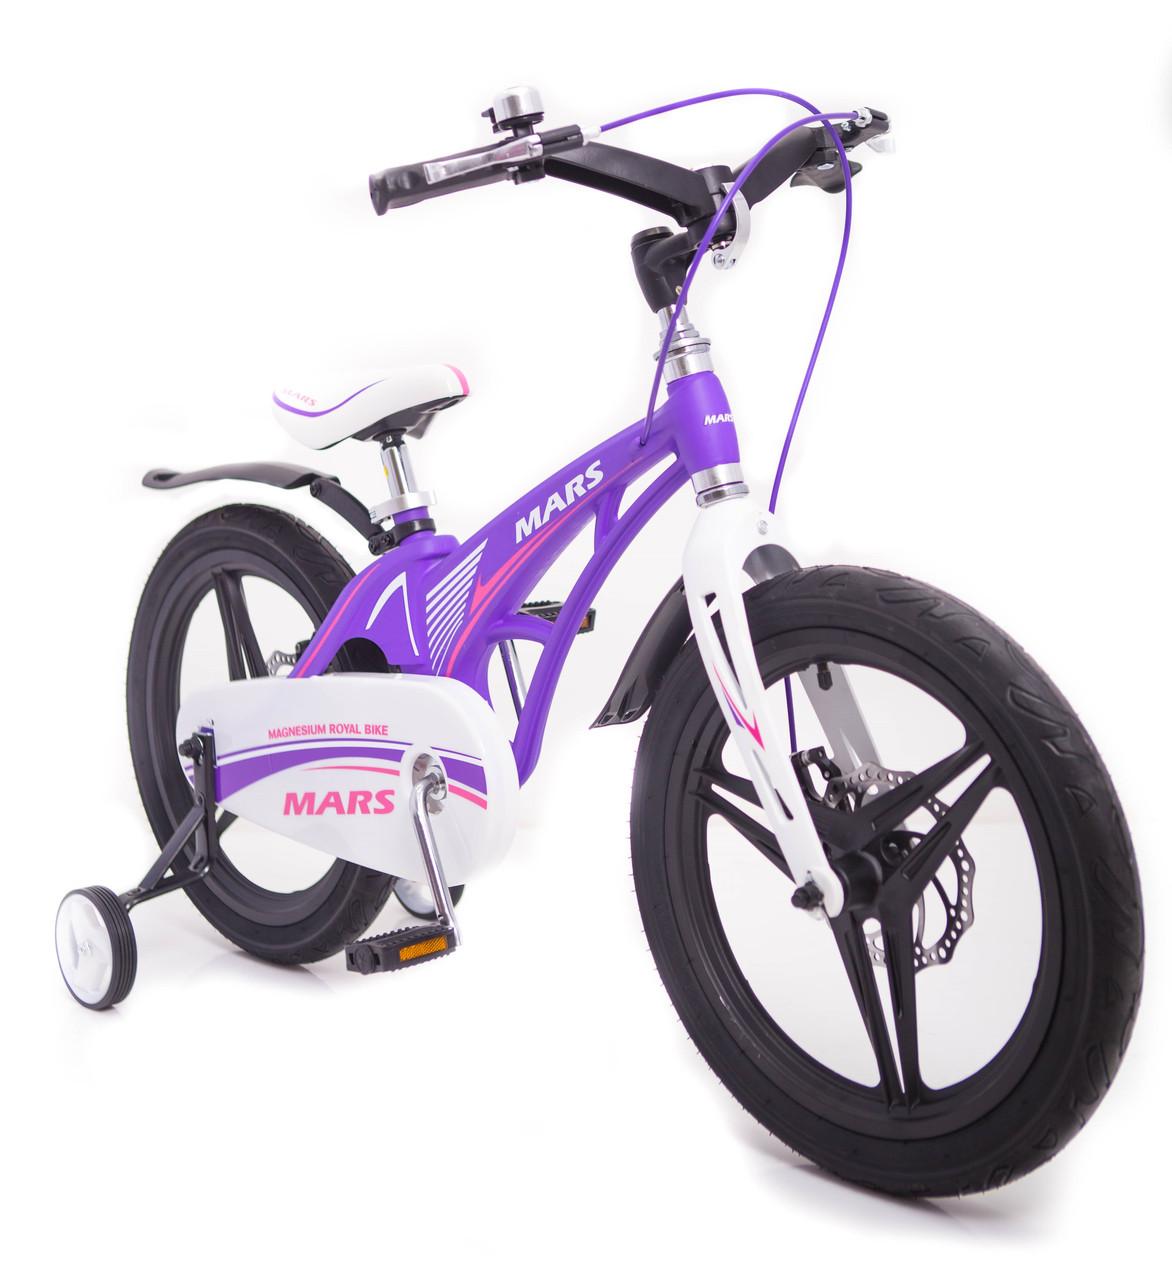 Детский легкий магниевый Велосипед со складным рулем MARS-16 Дюймов Черный от 5 лет легкий фиолетовый